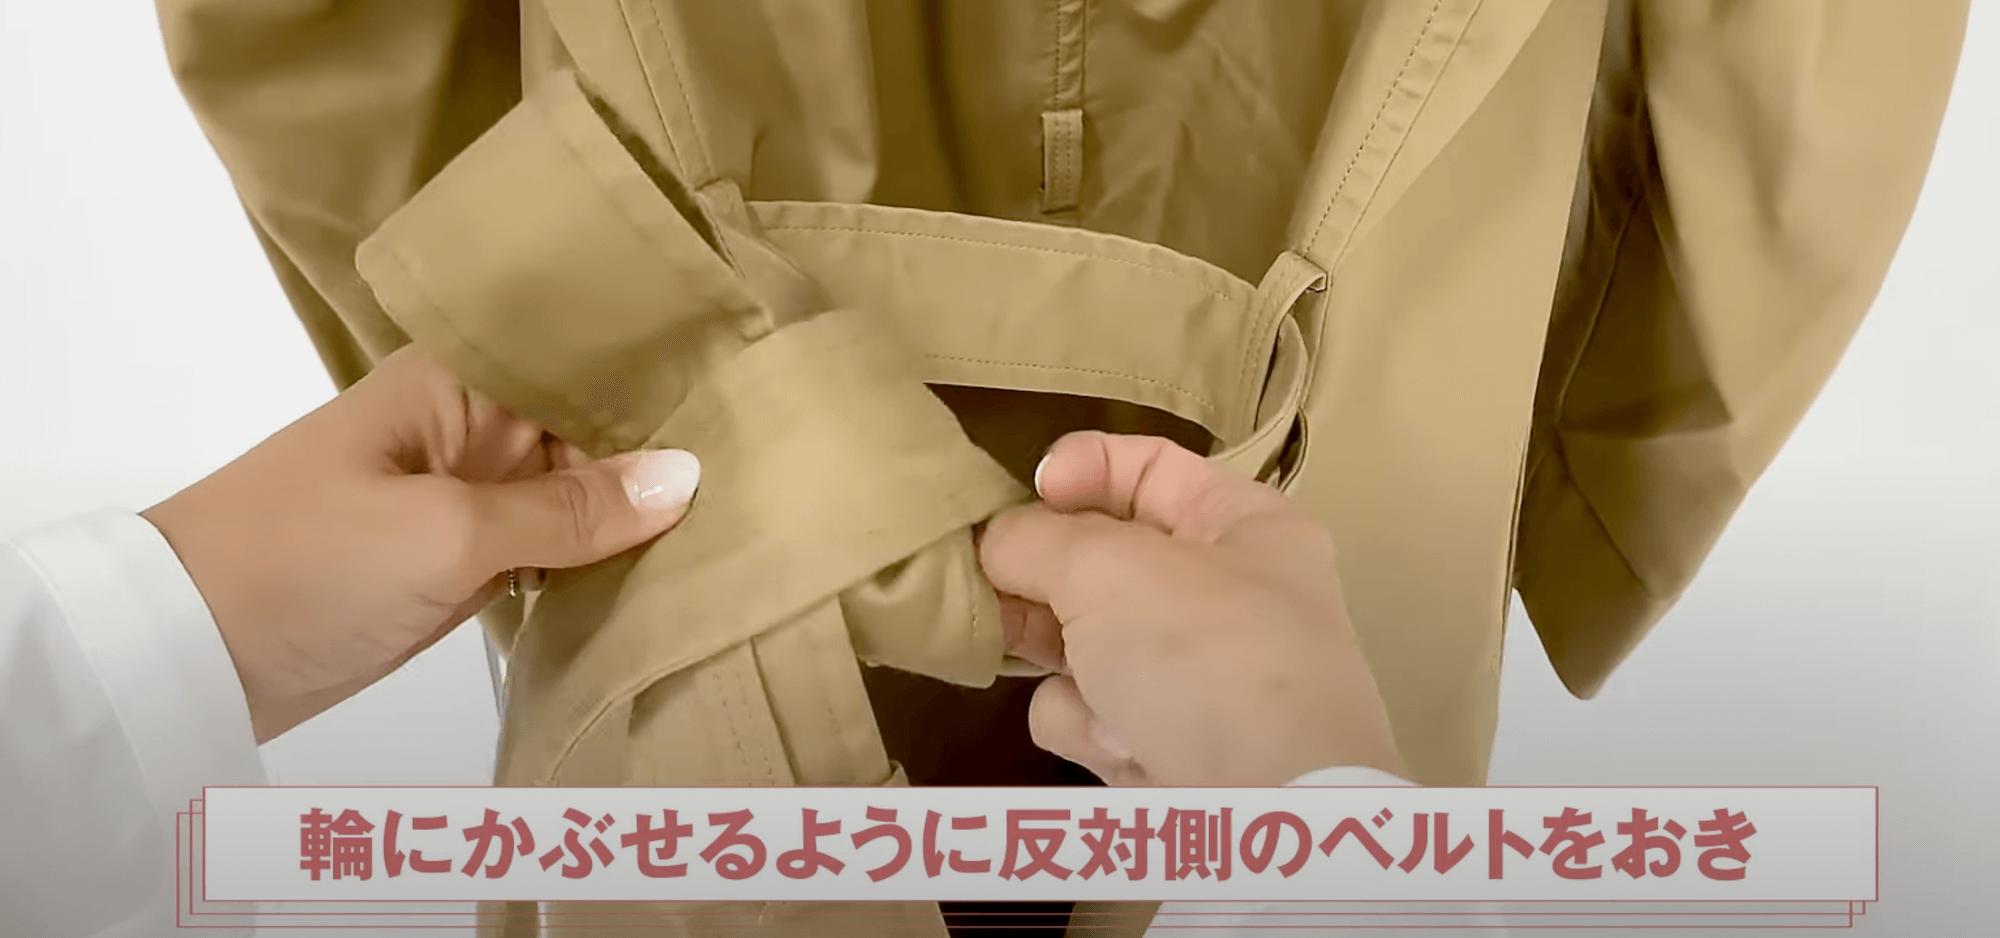 バックリボン結びの順番④:輪にかぶせるように反対側のベルトをおく